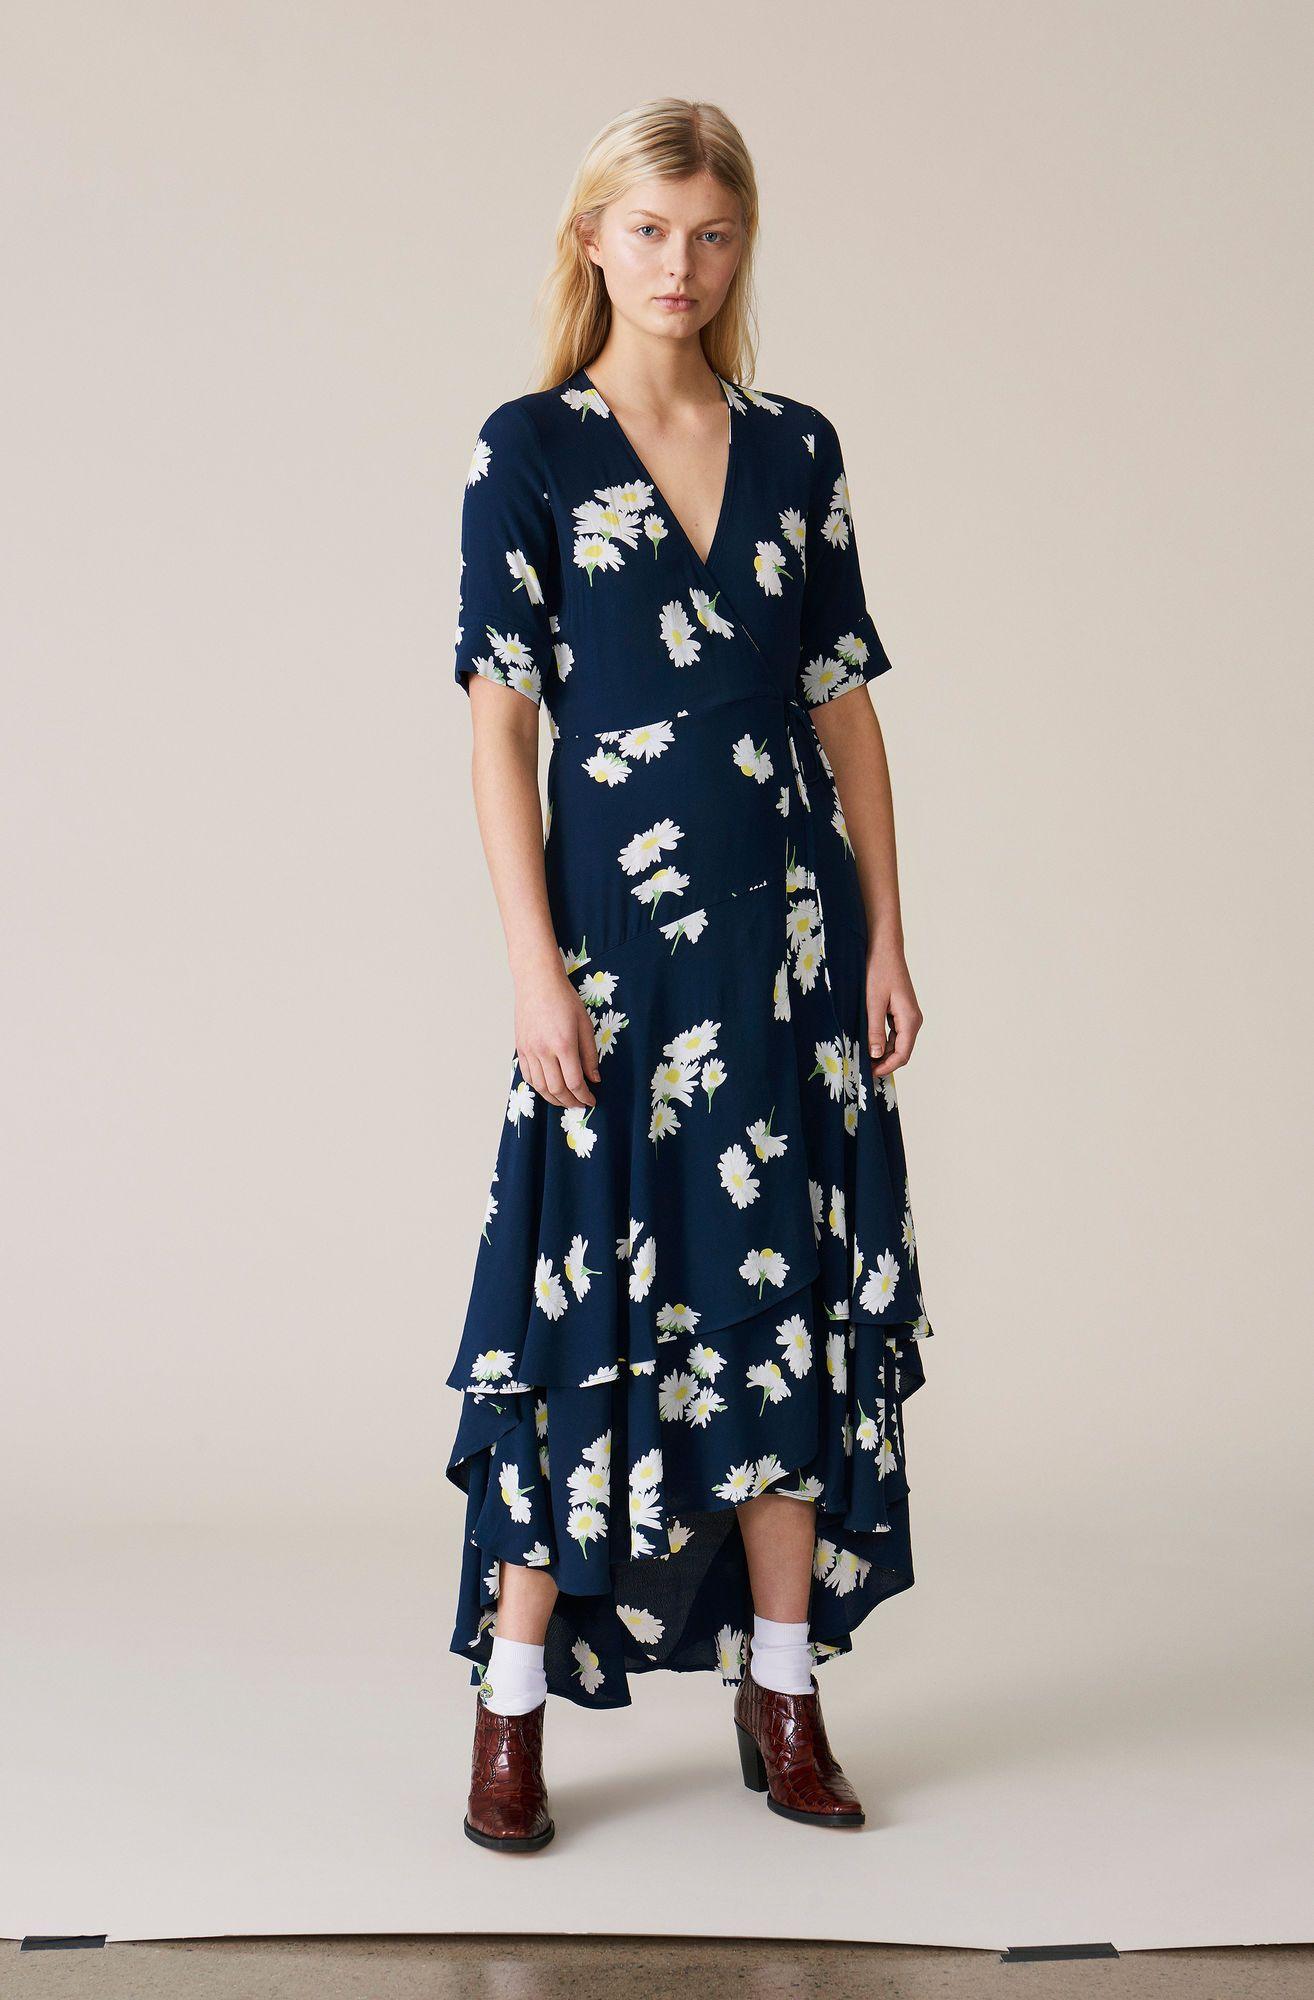 c7832805a68d Silvery Crepe Wrap Dress - Ganni US | Clothes | Ganni dress, Wrap ...